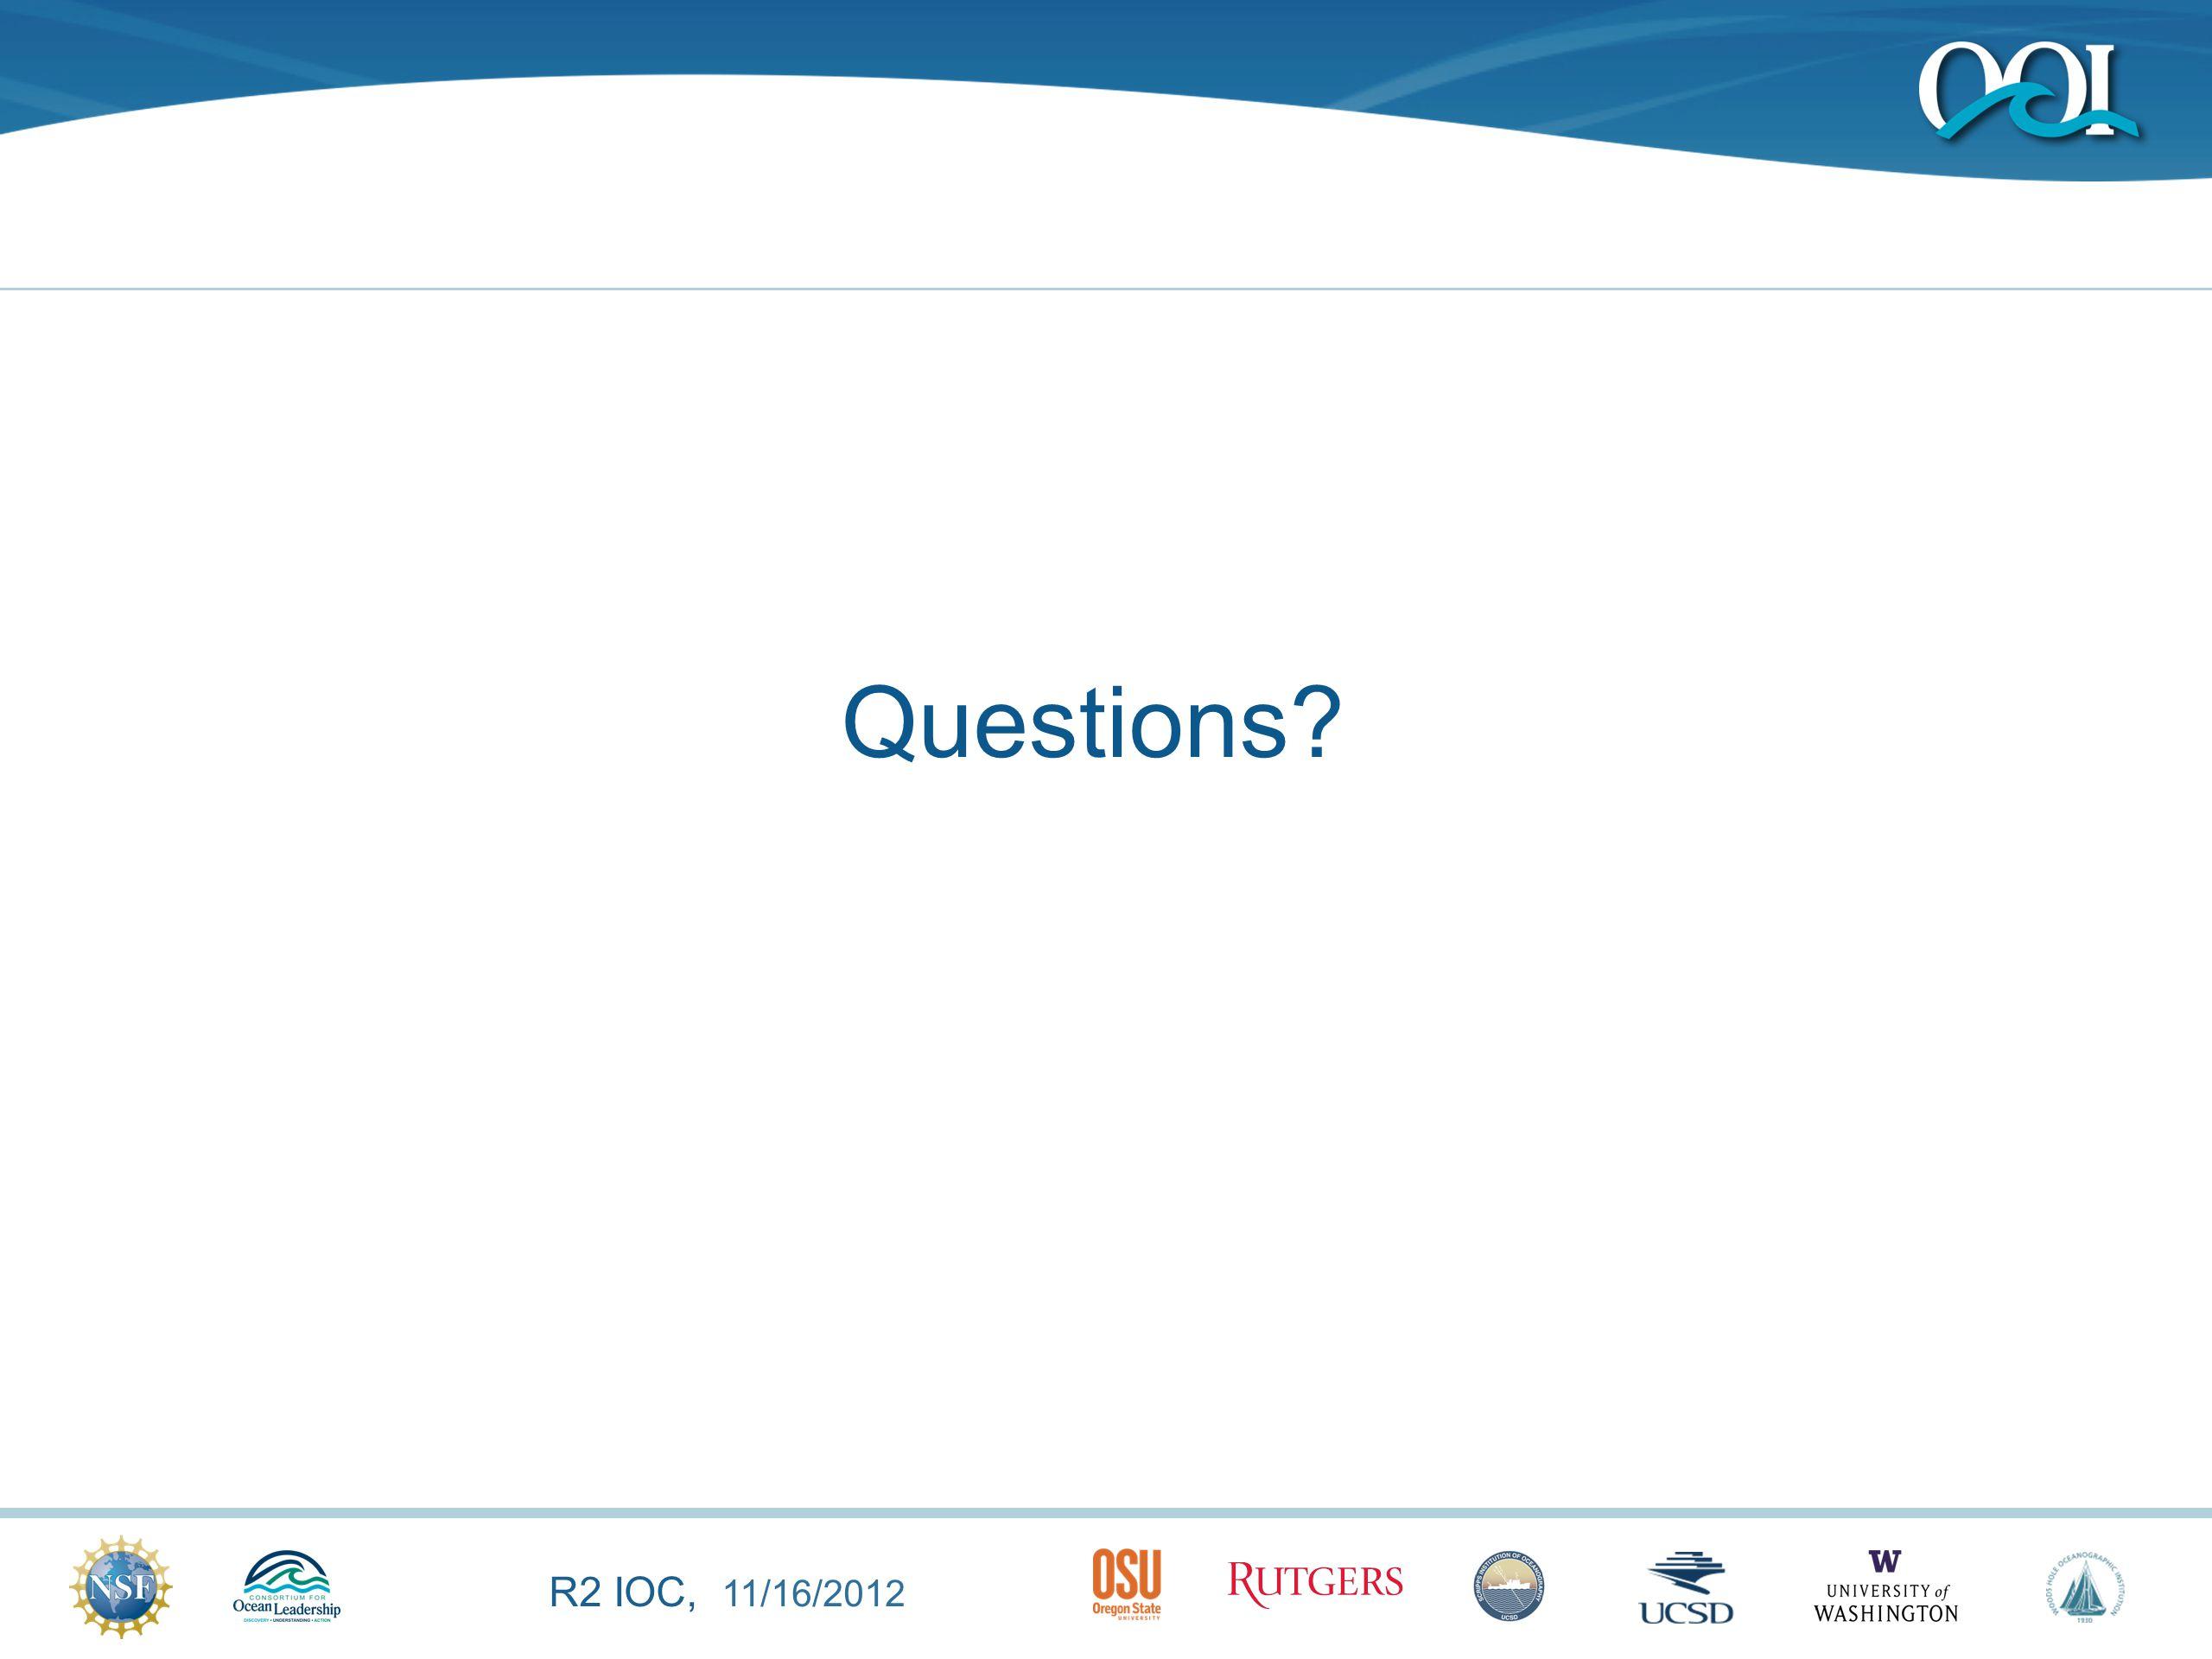 R2 IOC, 11/16/2012 Questions?